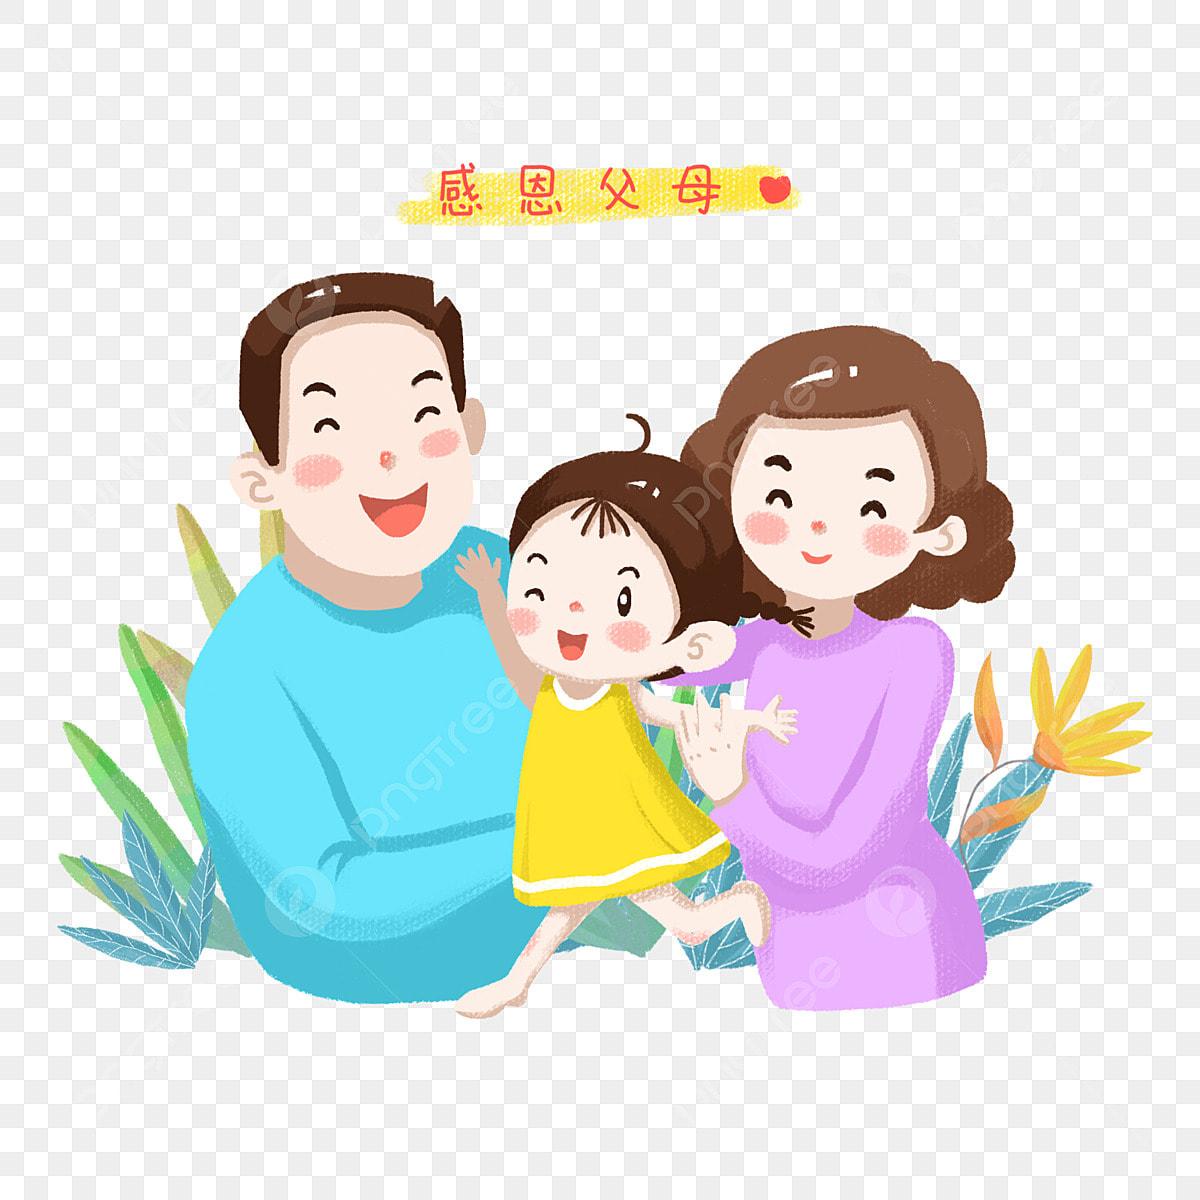 Tangan Kartun Dilukis Terima Kasih Ibu Dan Ayah Ibu Bapa Kesyukuran Thanksgiving Menghormati Ibu Bapaa Kapur Krim Per A Png Dan Psd